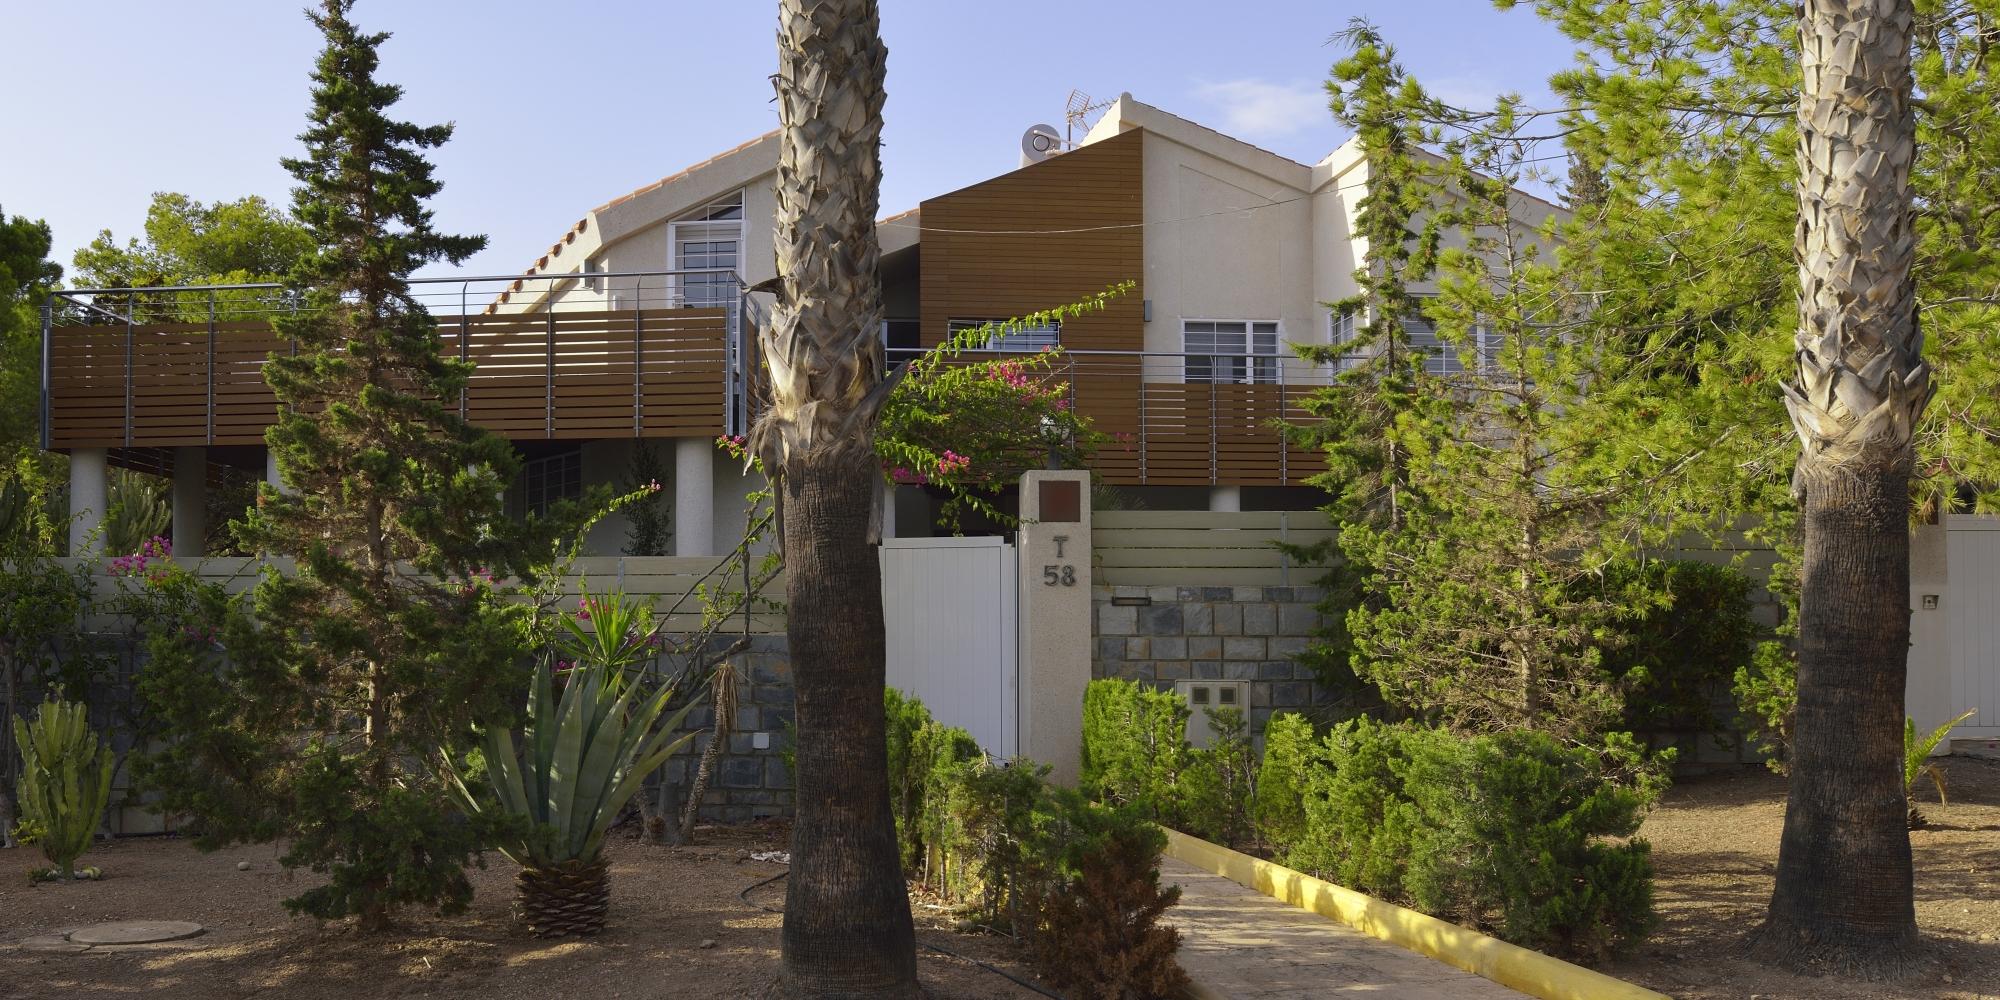 Reforma vivienda chalet 6 - Reformas en cartagena ...